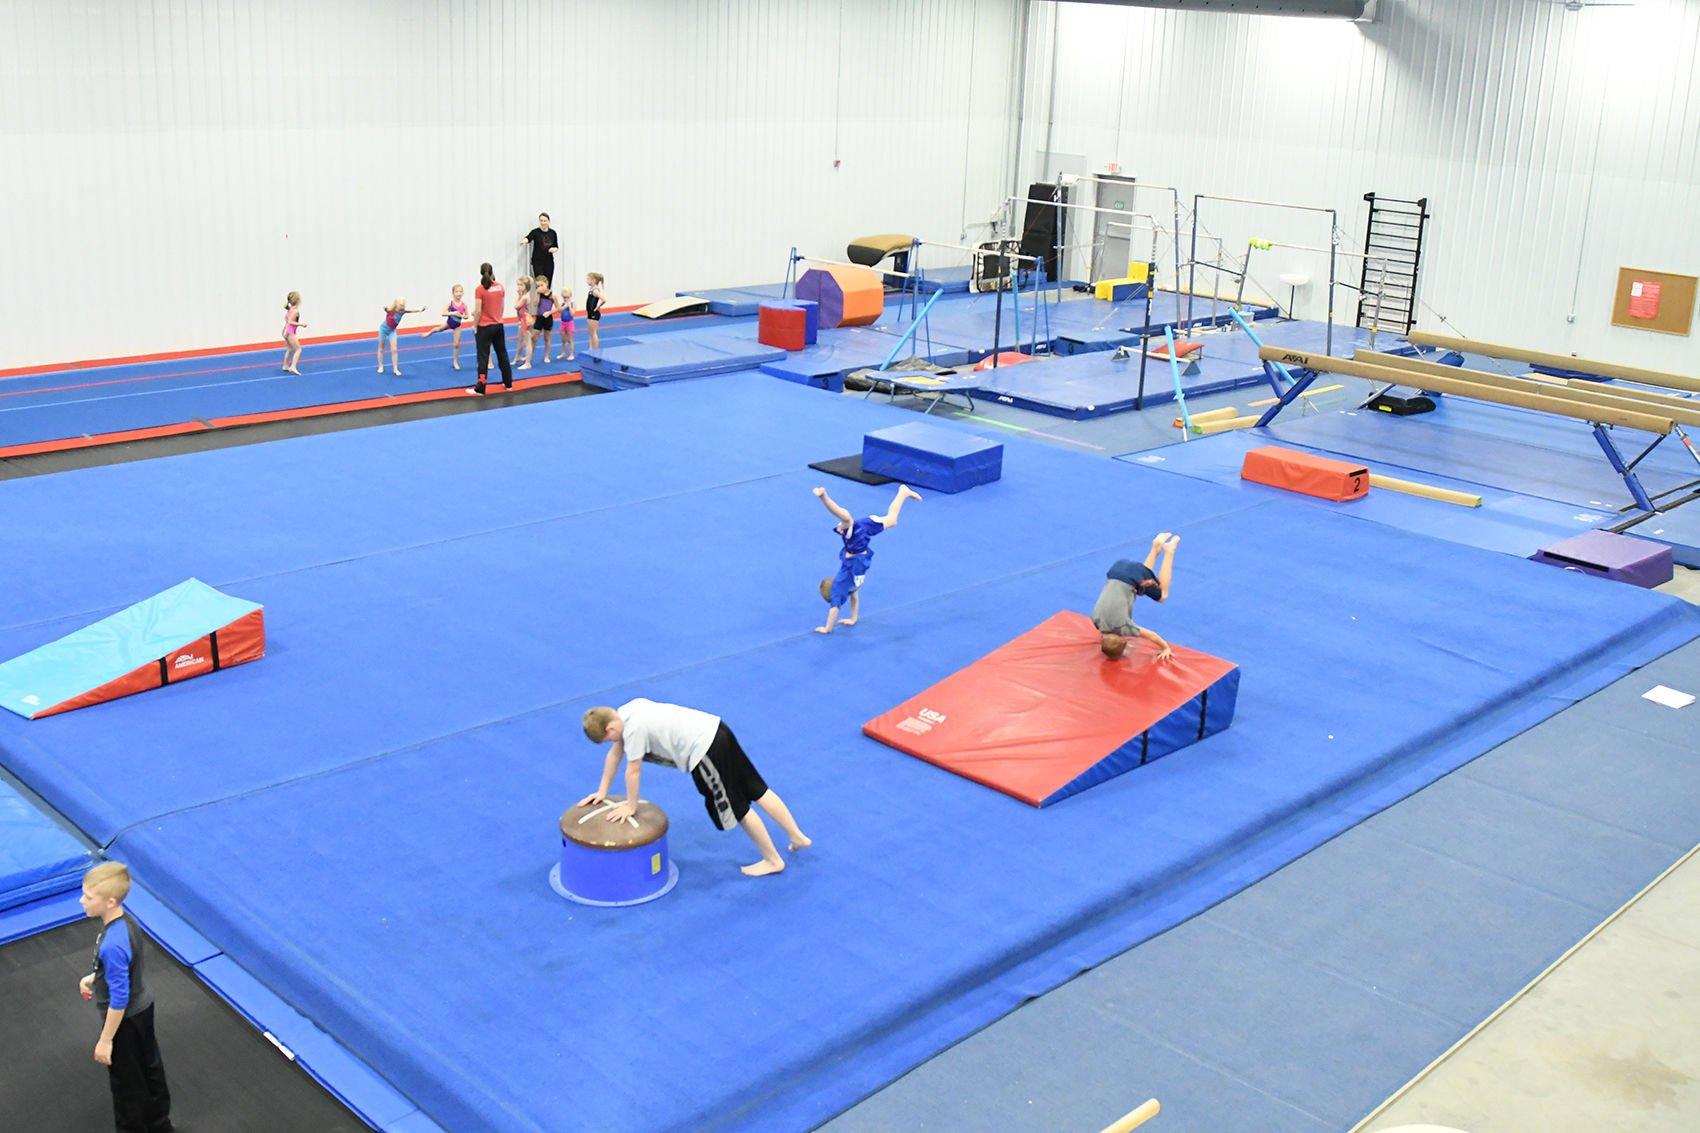 Gymnasts in activity